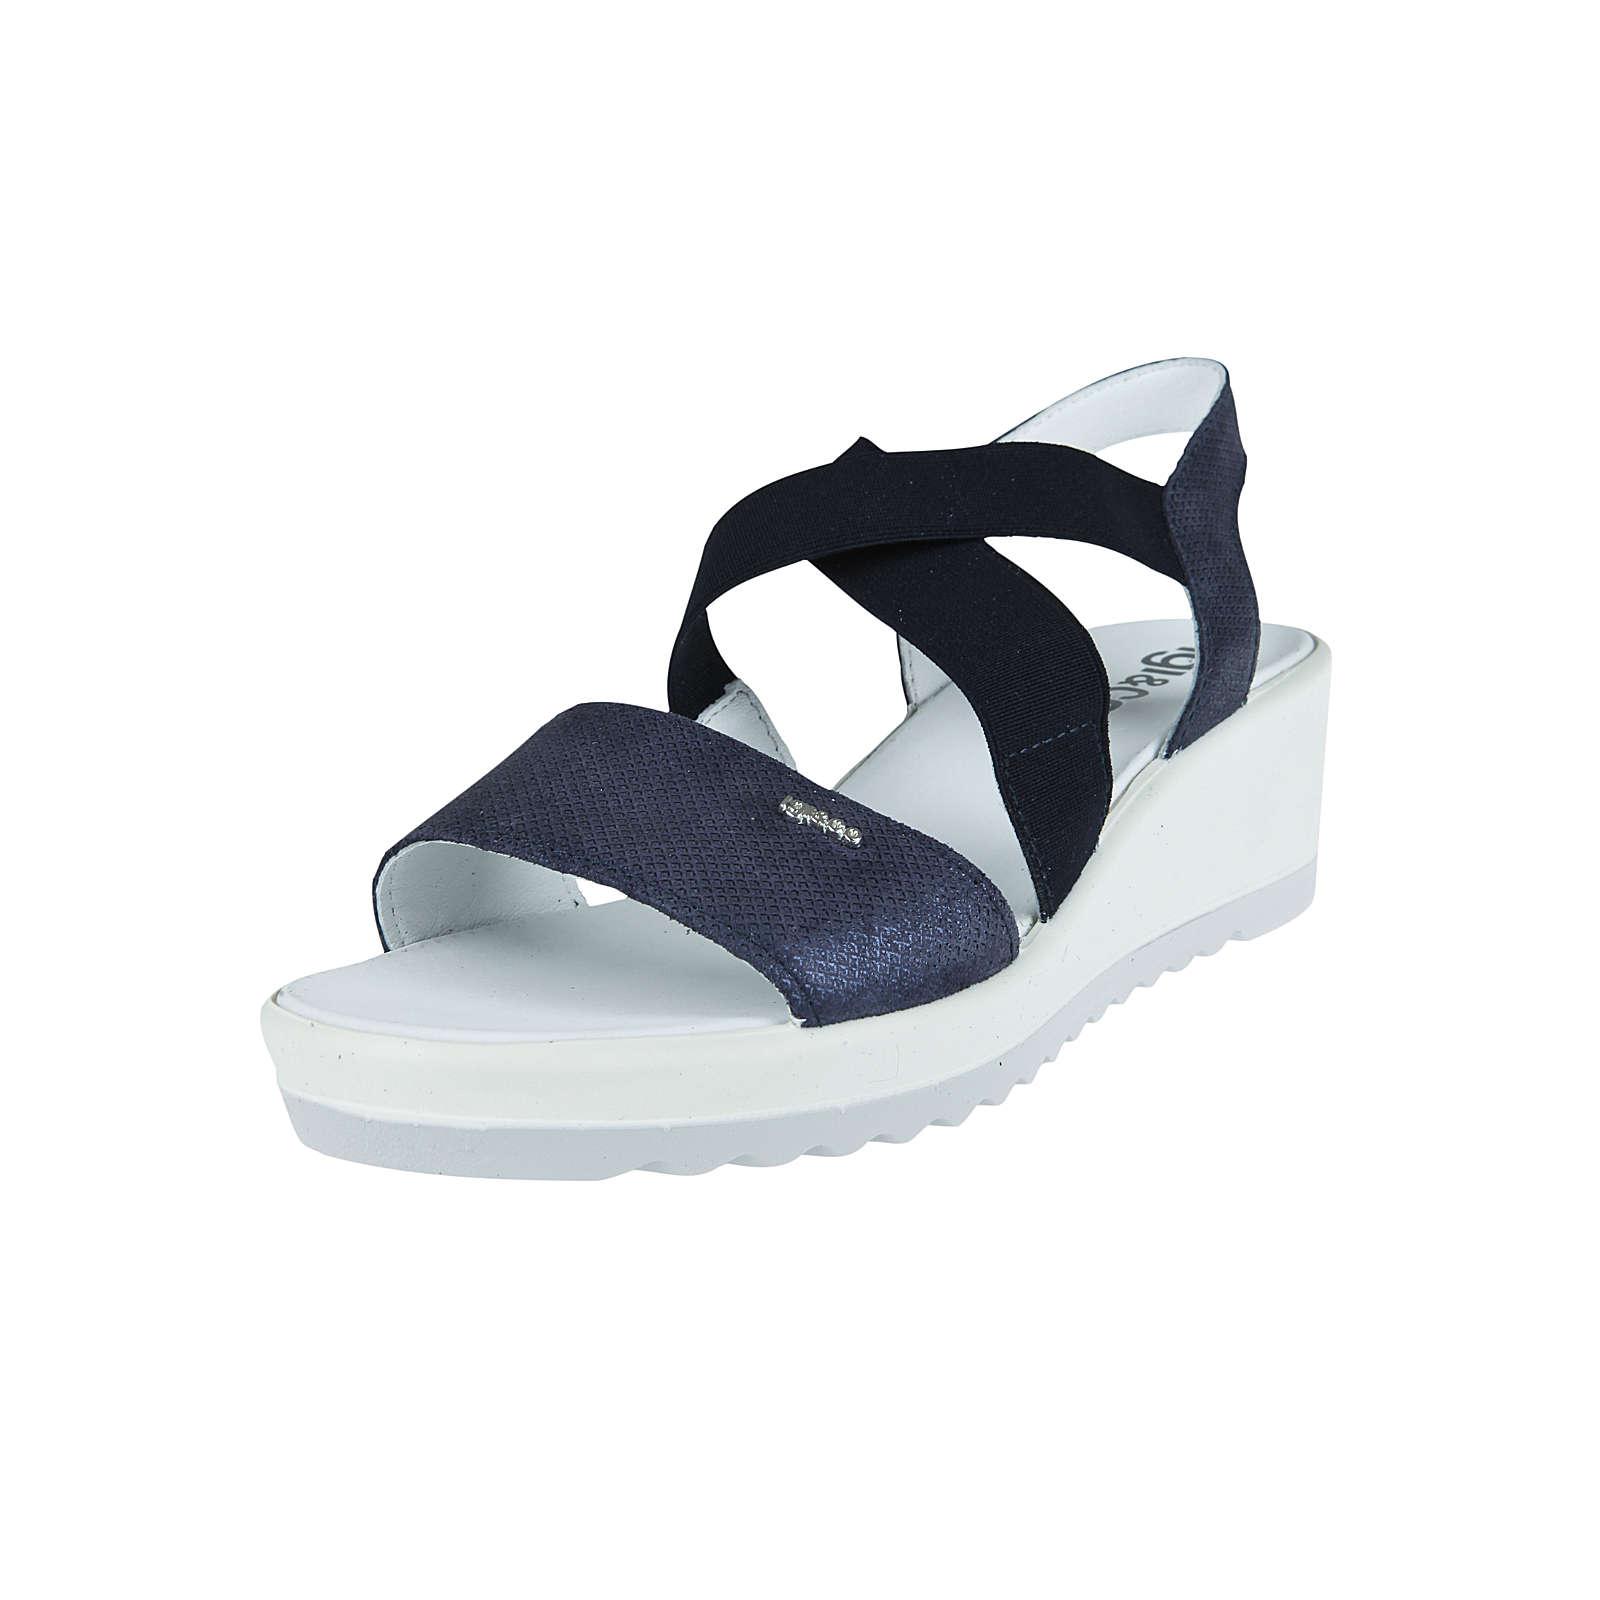 IGI & CO Sandale mit elastischen Riemen Sandalen blau Damen Gr. 37